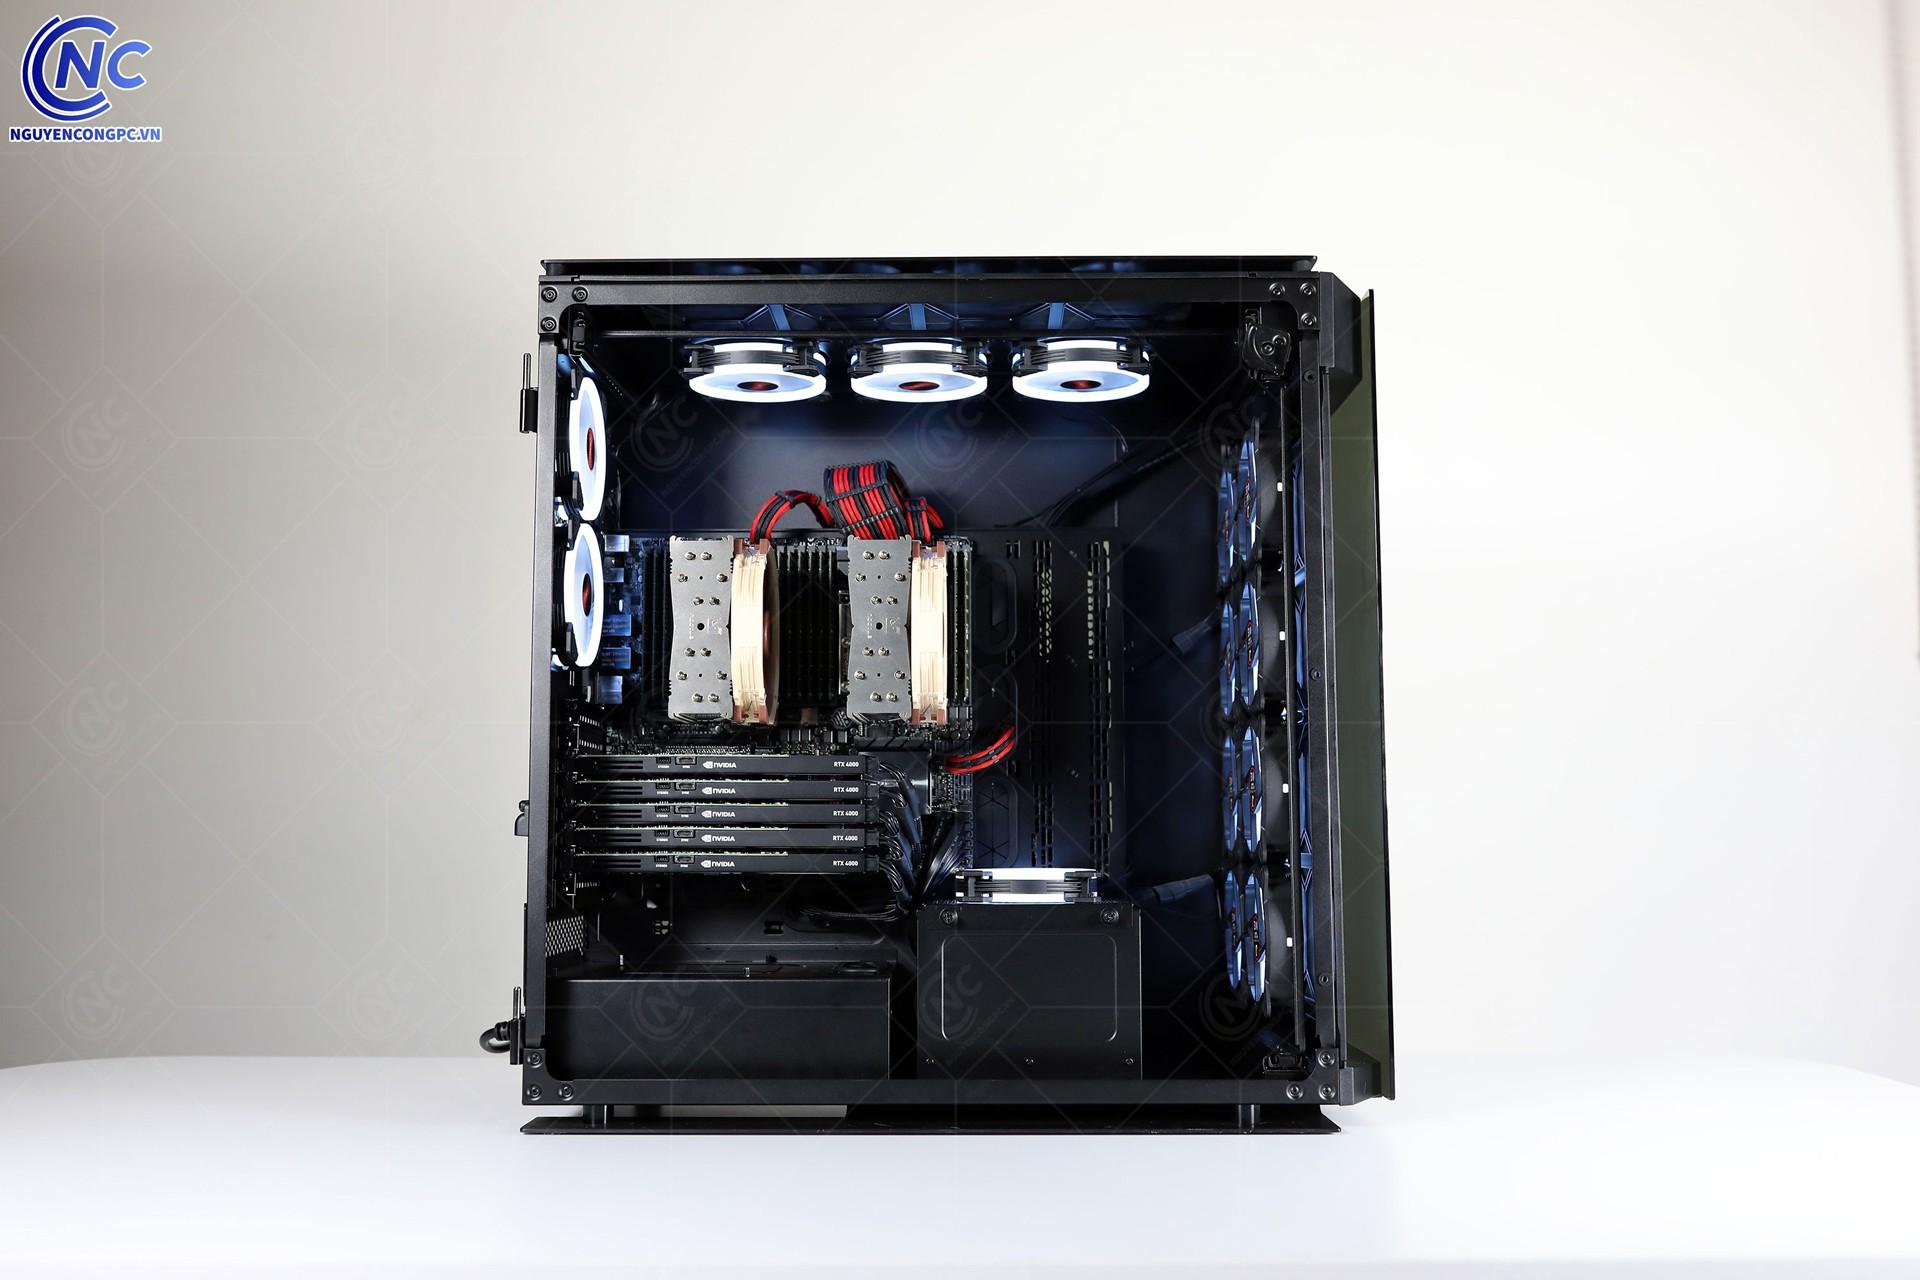 PC 1 TỶ 8